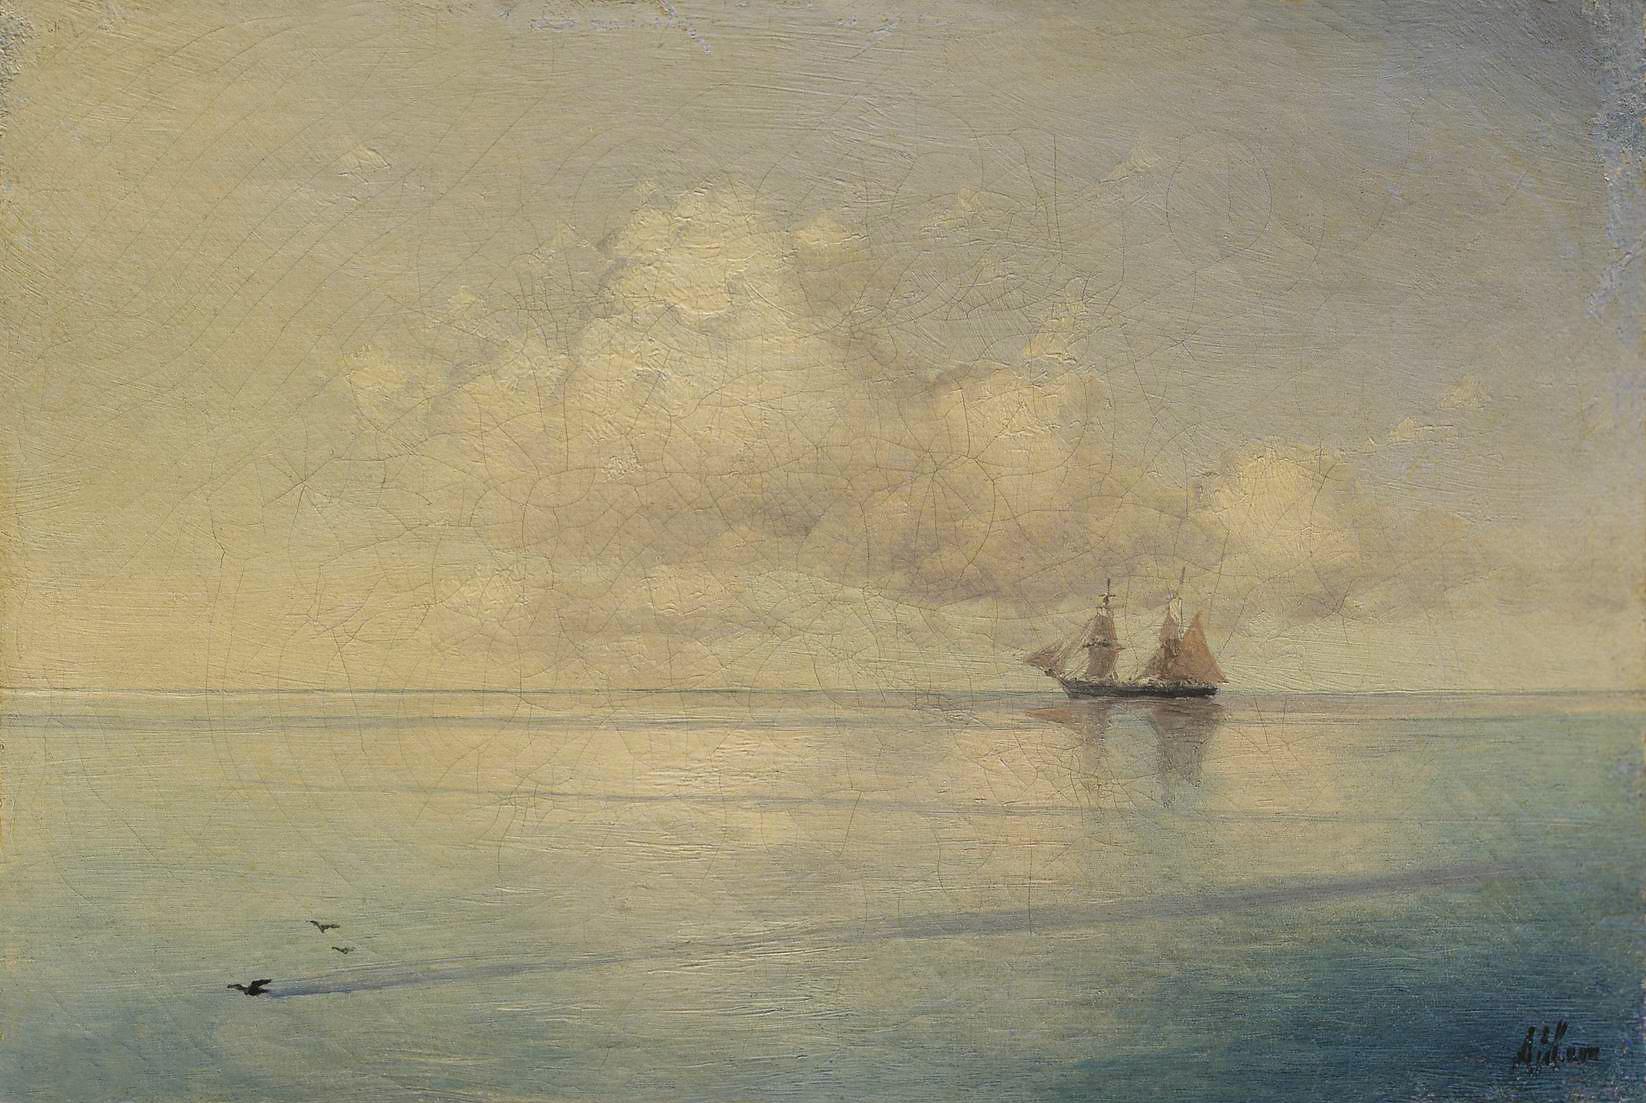 Айвазовский. Пейзаж с парусником